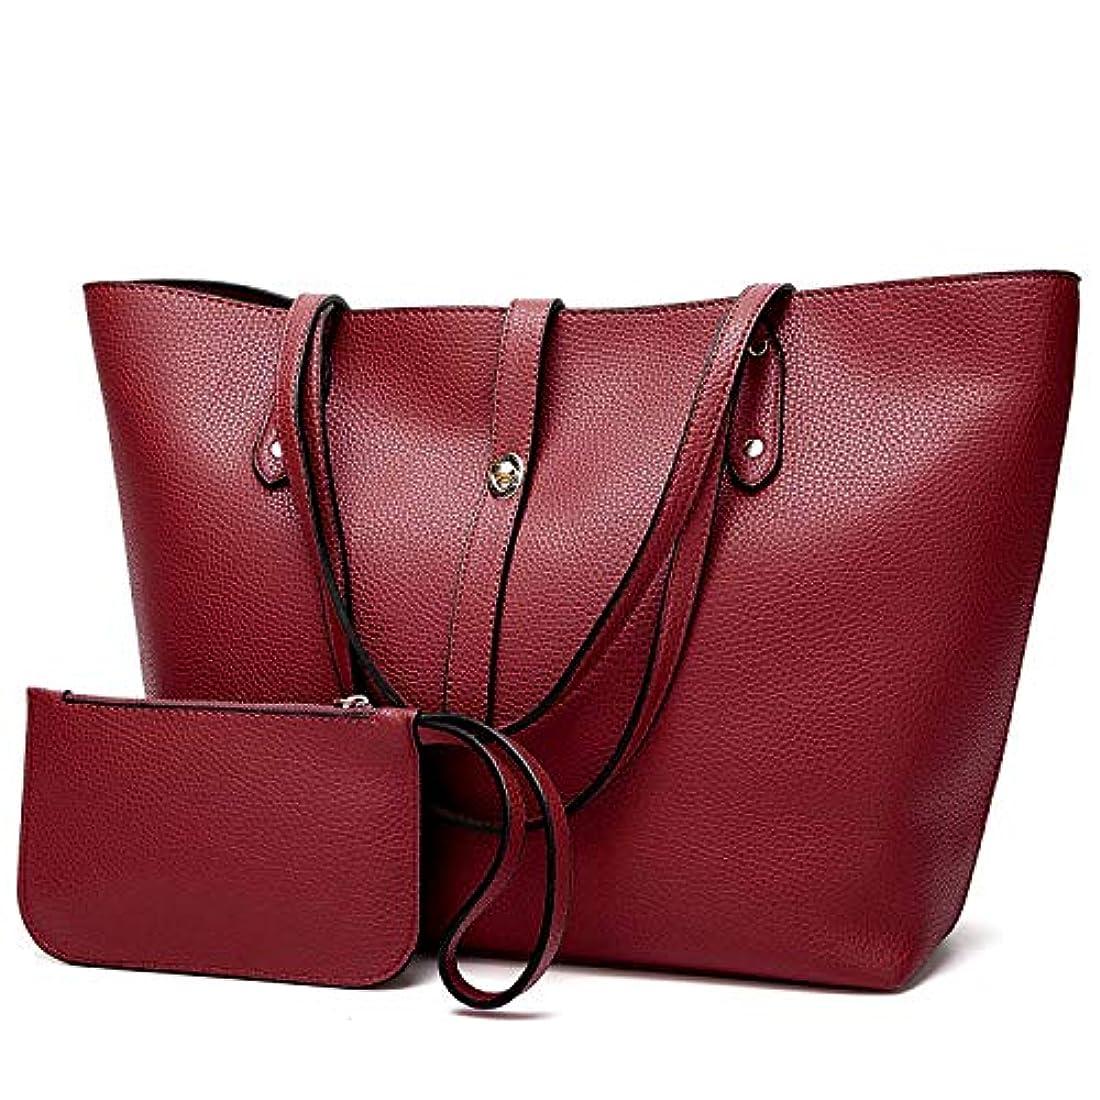 宿題をするショット不注意[TcIFE] ハンドバッグ レディース トートバッグ 大容量 無地 ショルダーバッグ 2way 財布とハンドバッグ